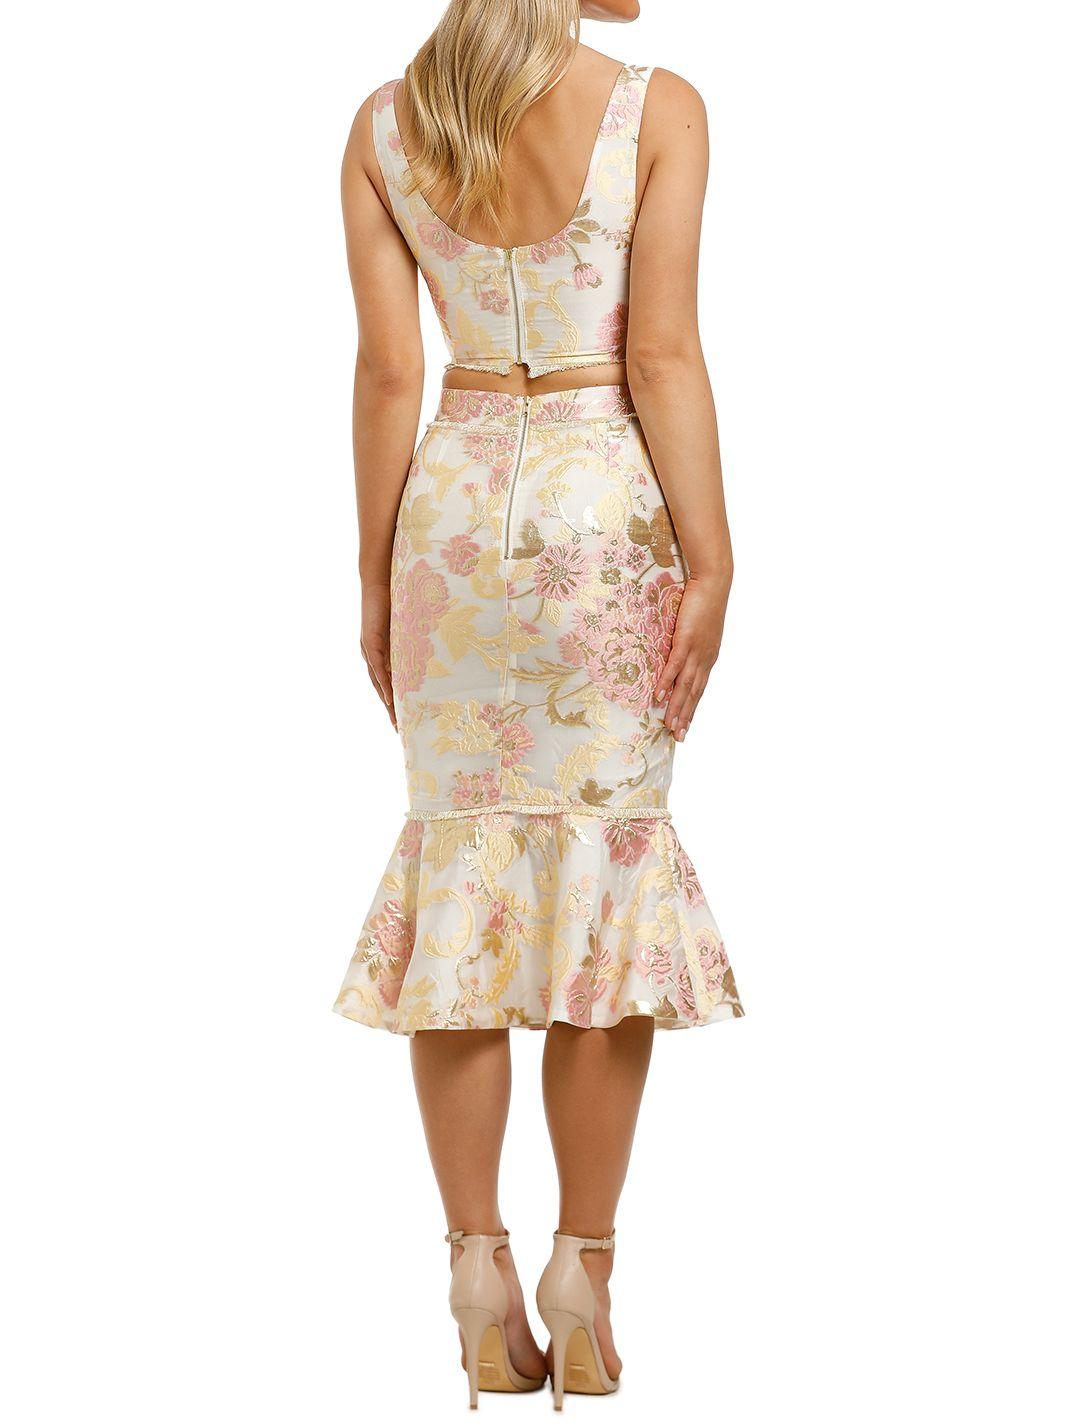 We-Are-Kindred-Delphi-Bralet-and-Skirt-Set-Marigold-Back